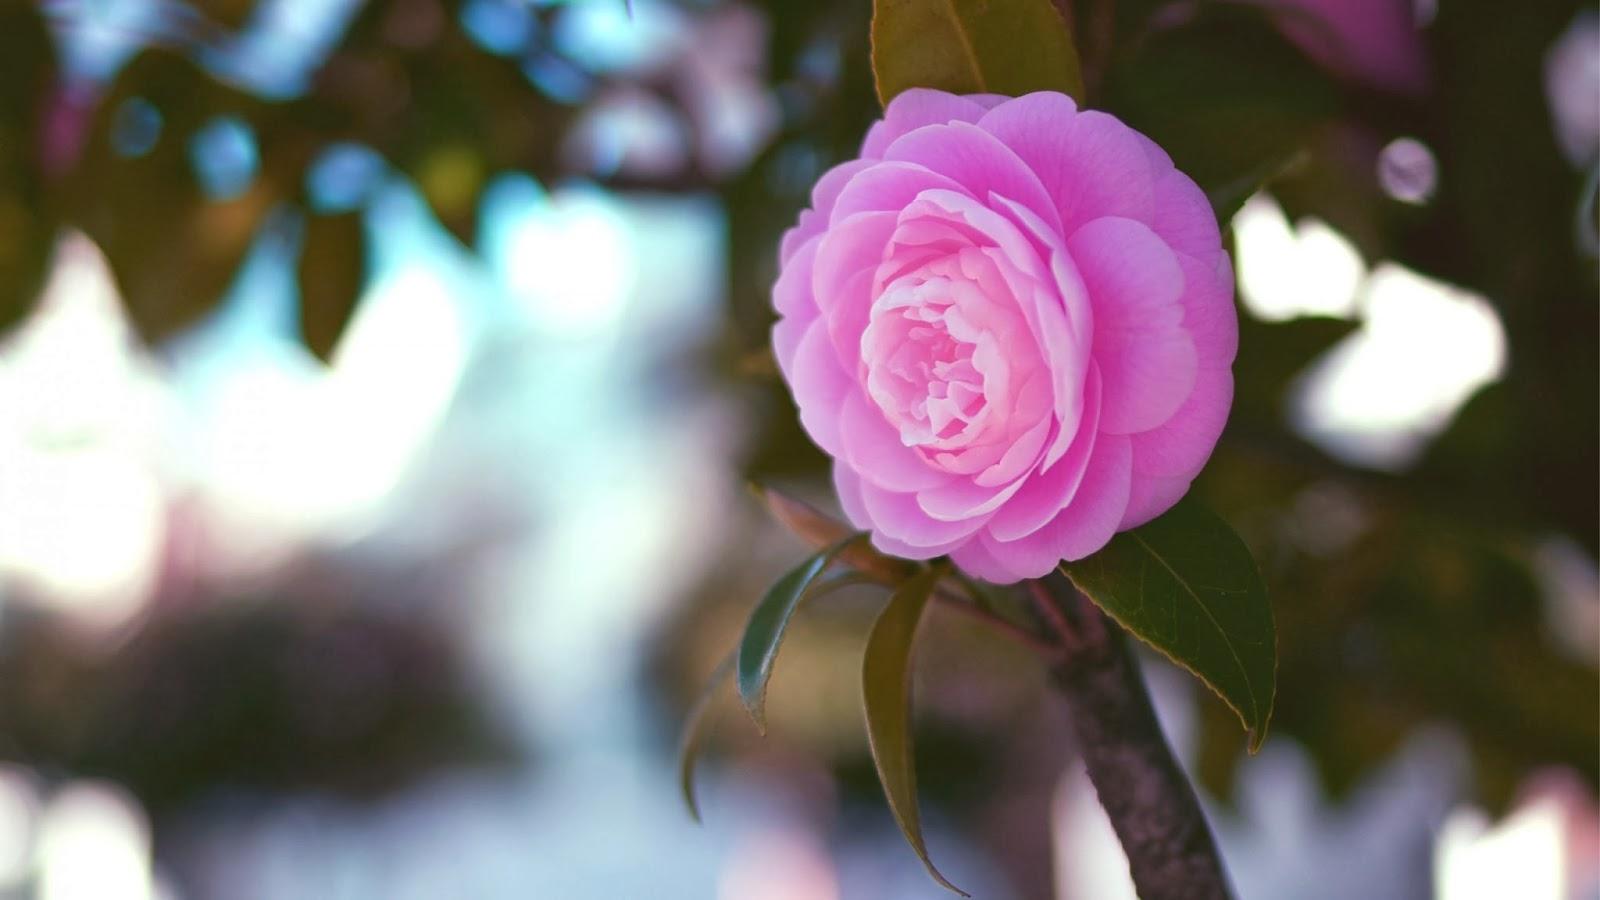 بالصور ورد طبيعي , اجمل صور للورد الطبيعي 3908 14